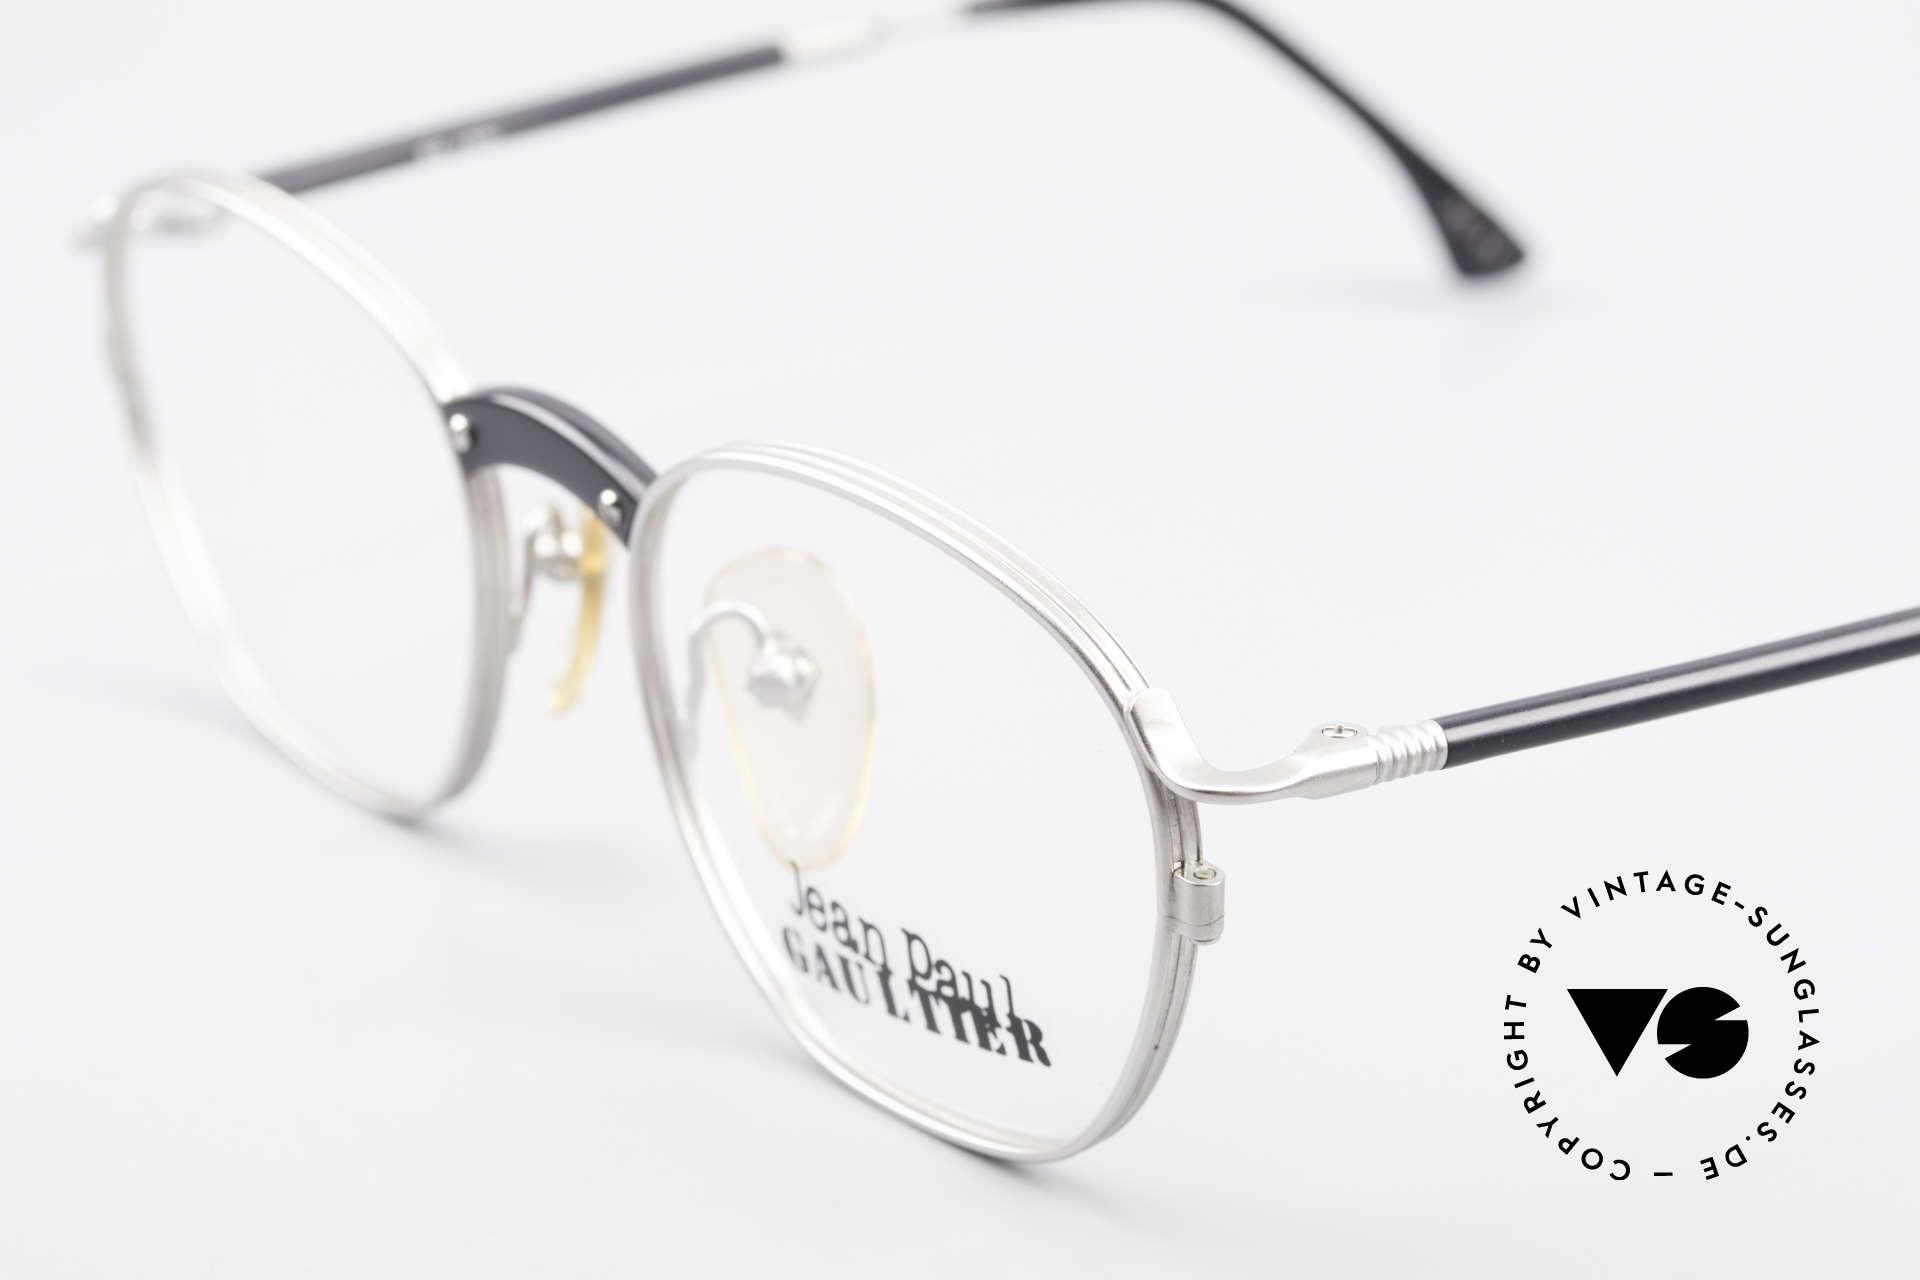 Jean Paul Gaultier 55-1271 Rare Alte Vintage Brille JPG, unbenutzt (wie alle unsere vintage JP Gaultier Brillen), Passend für Herren und Damen